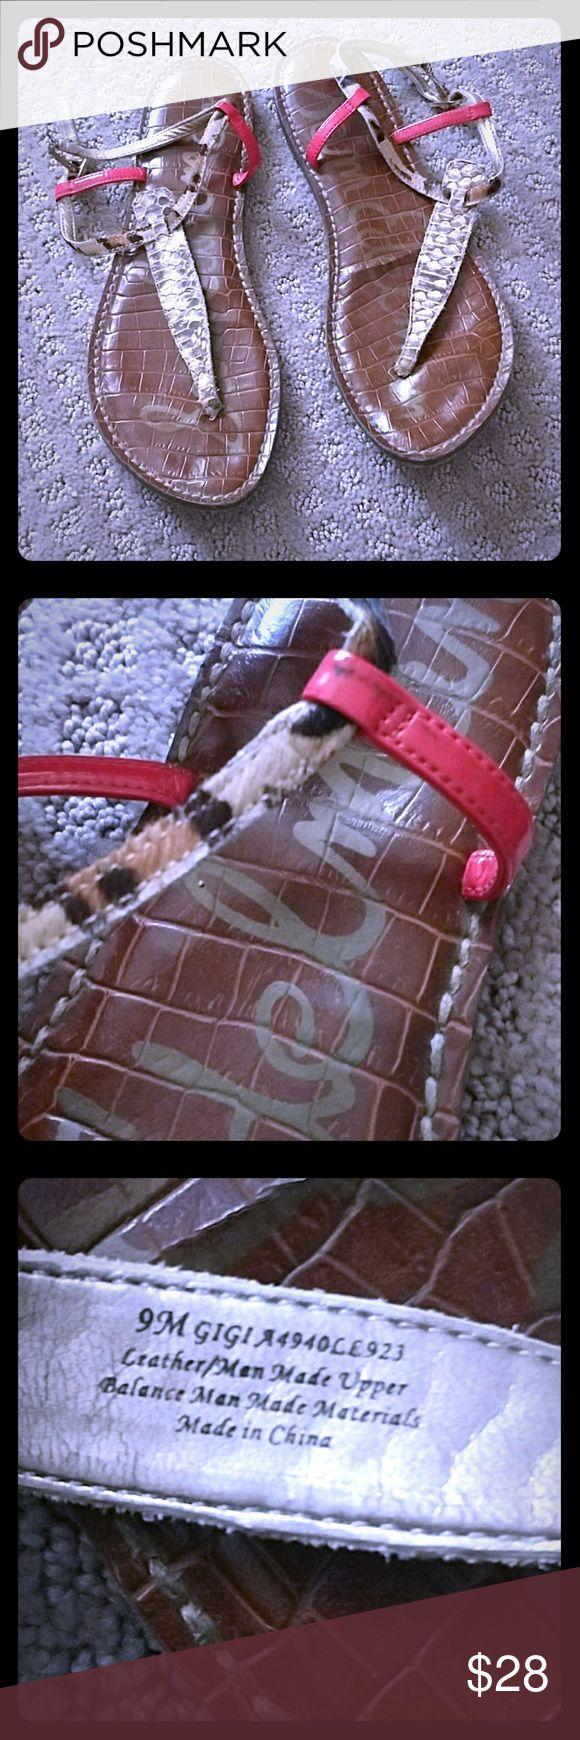 SAM EDELMAN GIGI SANDALS SNAKESKIN COLORFUL SIZE 9 SAM EDELMAN GIGI SANDALS SNAKESKIN COLORFUL SIZE 9 LIGHTLY WORN POSSIBLY 2 MONTHS Sam Edelman Shoes Sandals